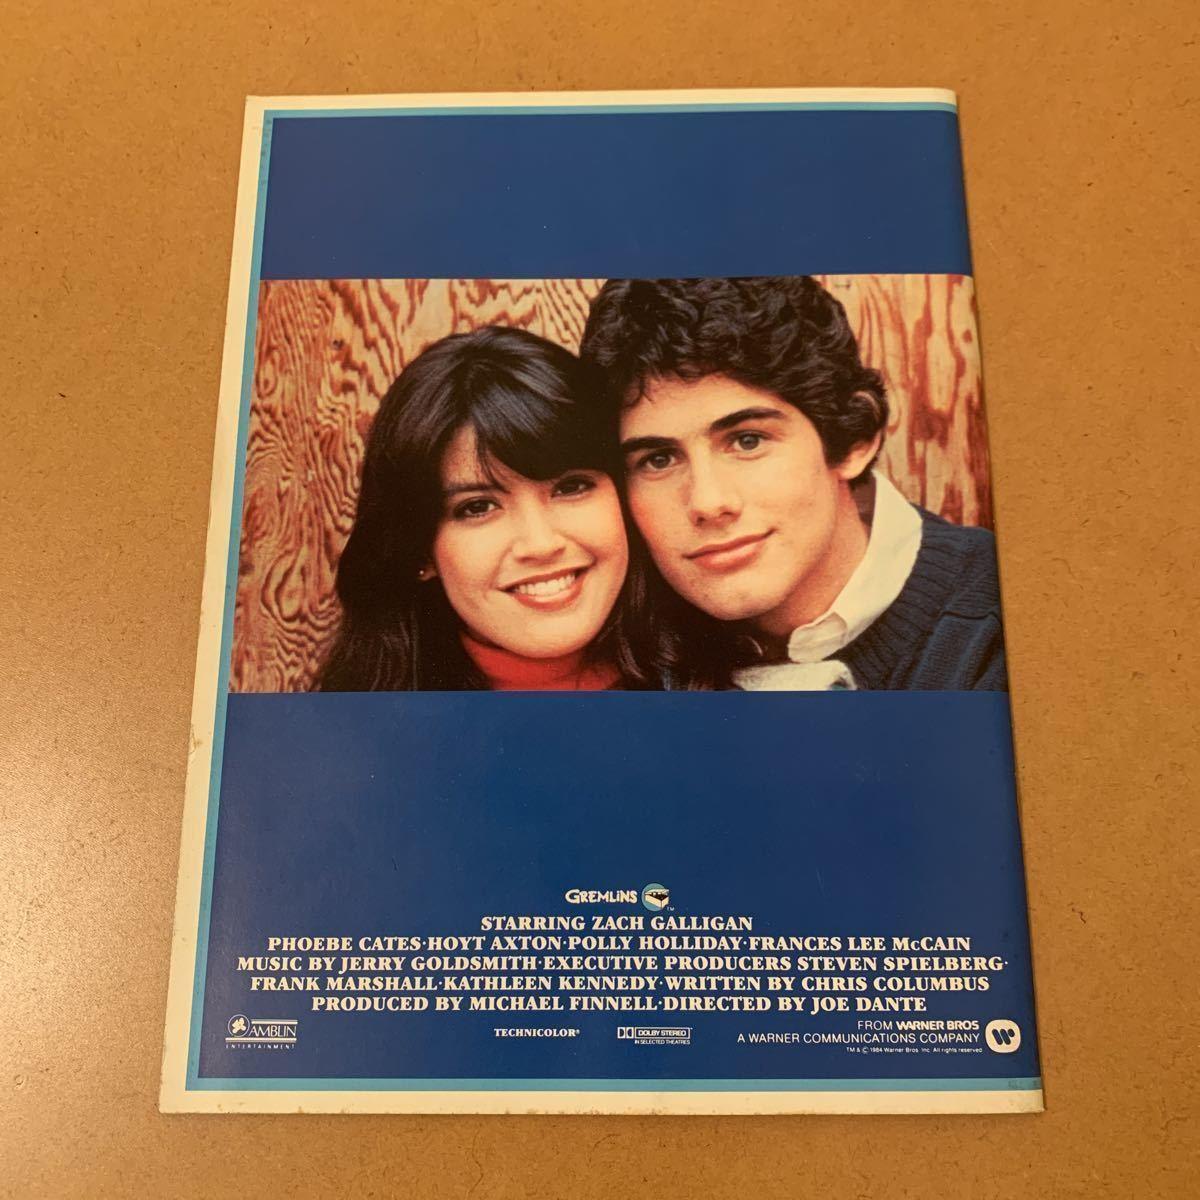 【映画パンフレット】『グレムリン』1984年公開作品 製作総指揮 スティーブン・スピルバーグ_画像2